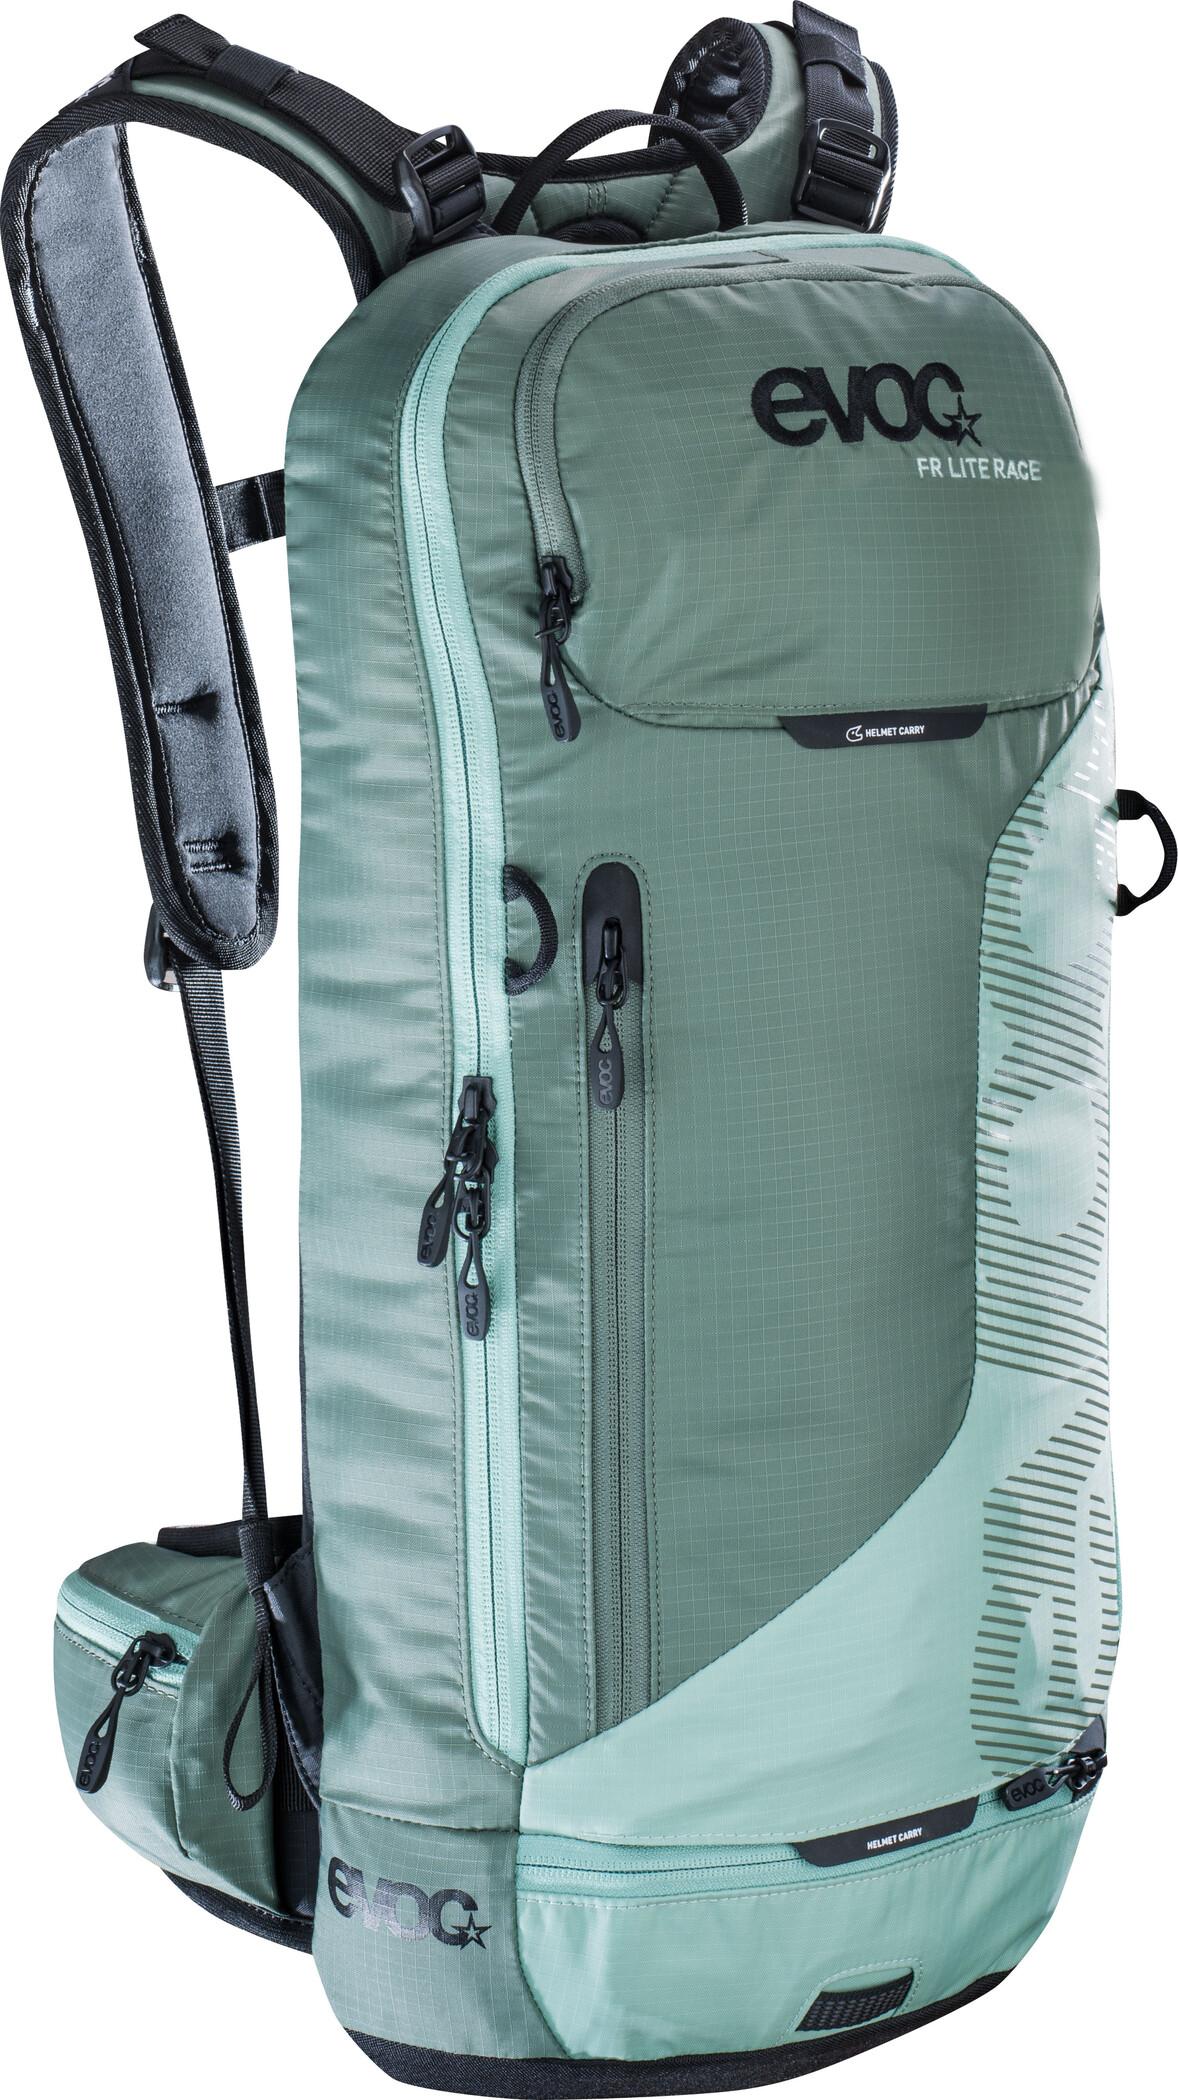 EVOC FR Lite Race Backpack 10 L, olive-light petrol | Travel bags